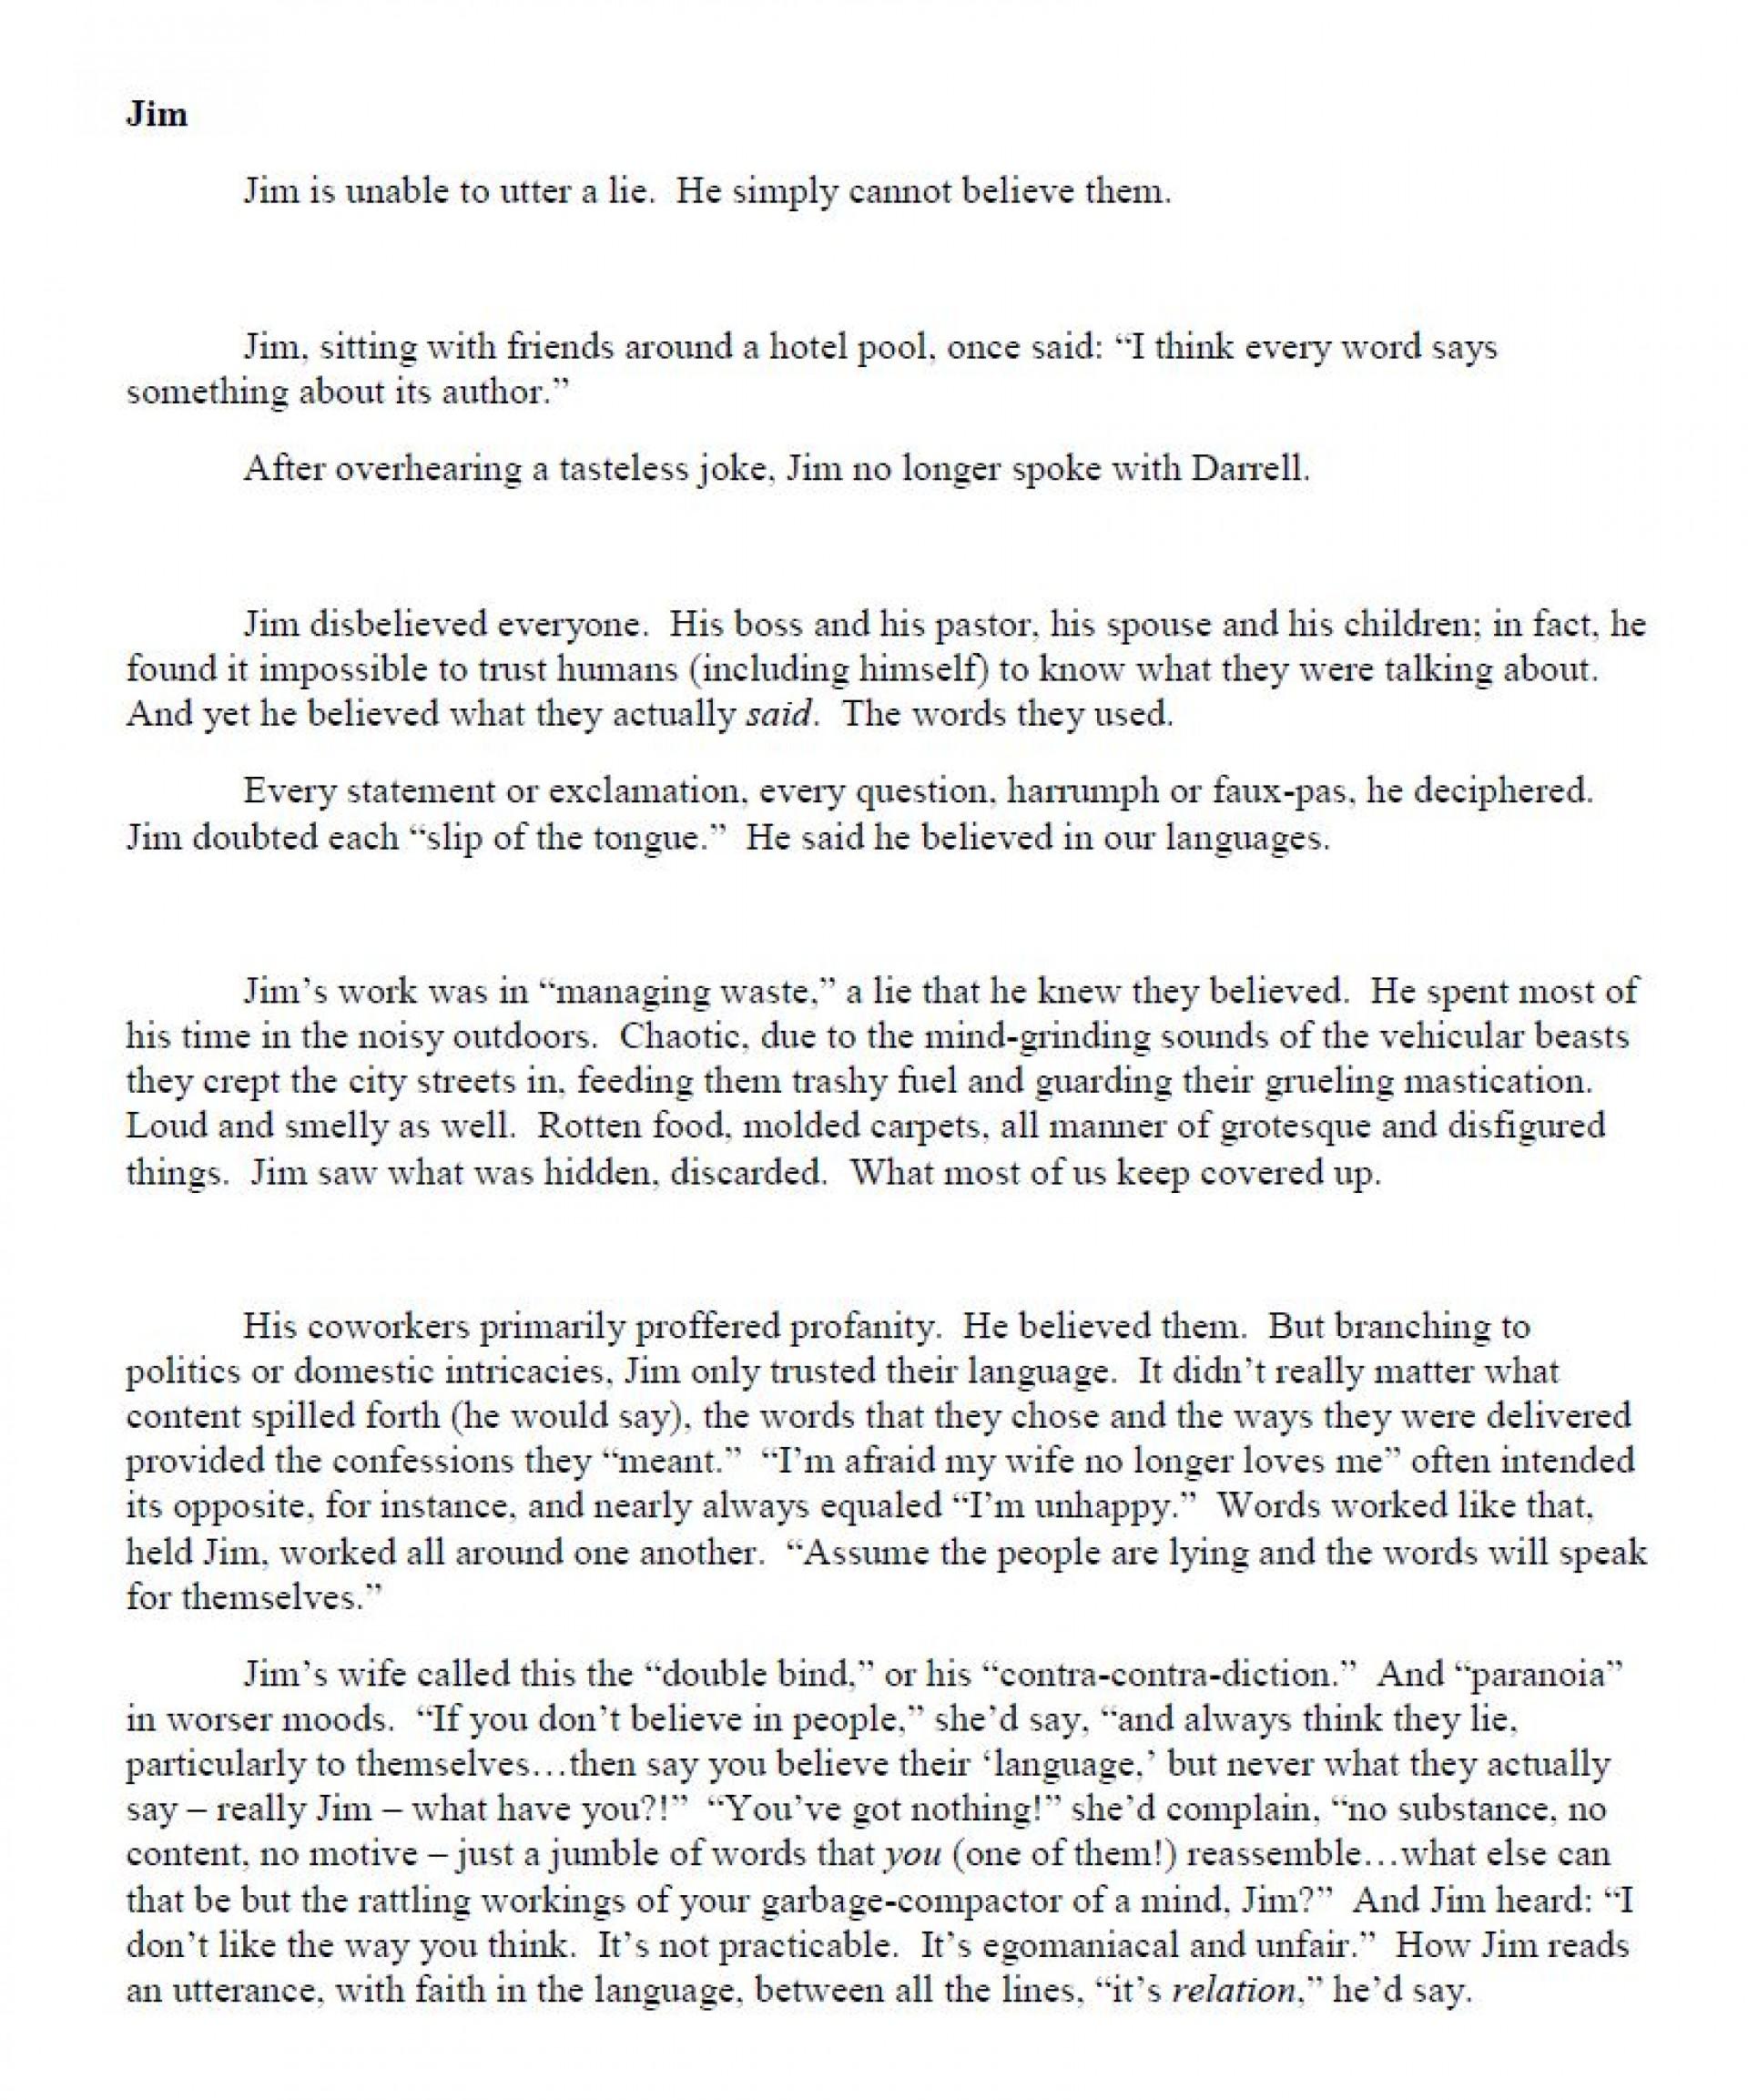 004 Essay Example Jim P1 Childhood Top Memory Ideas Earliest My Memories 1920